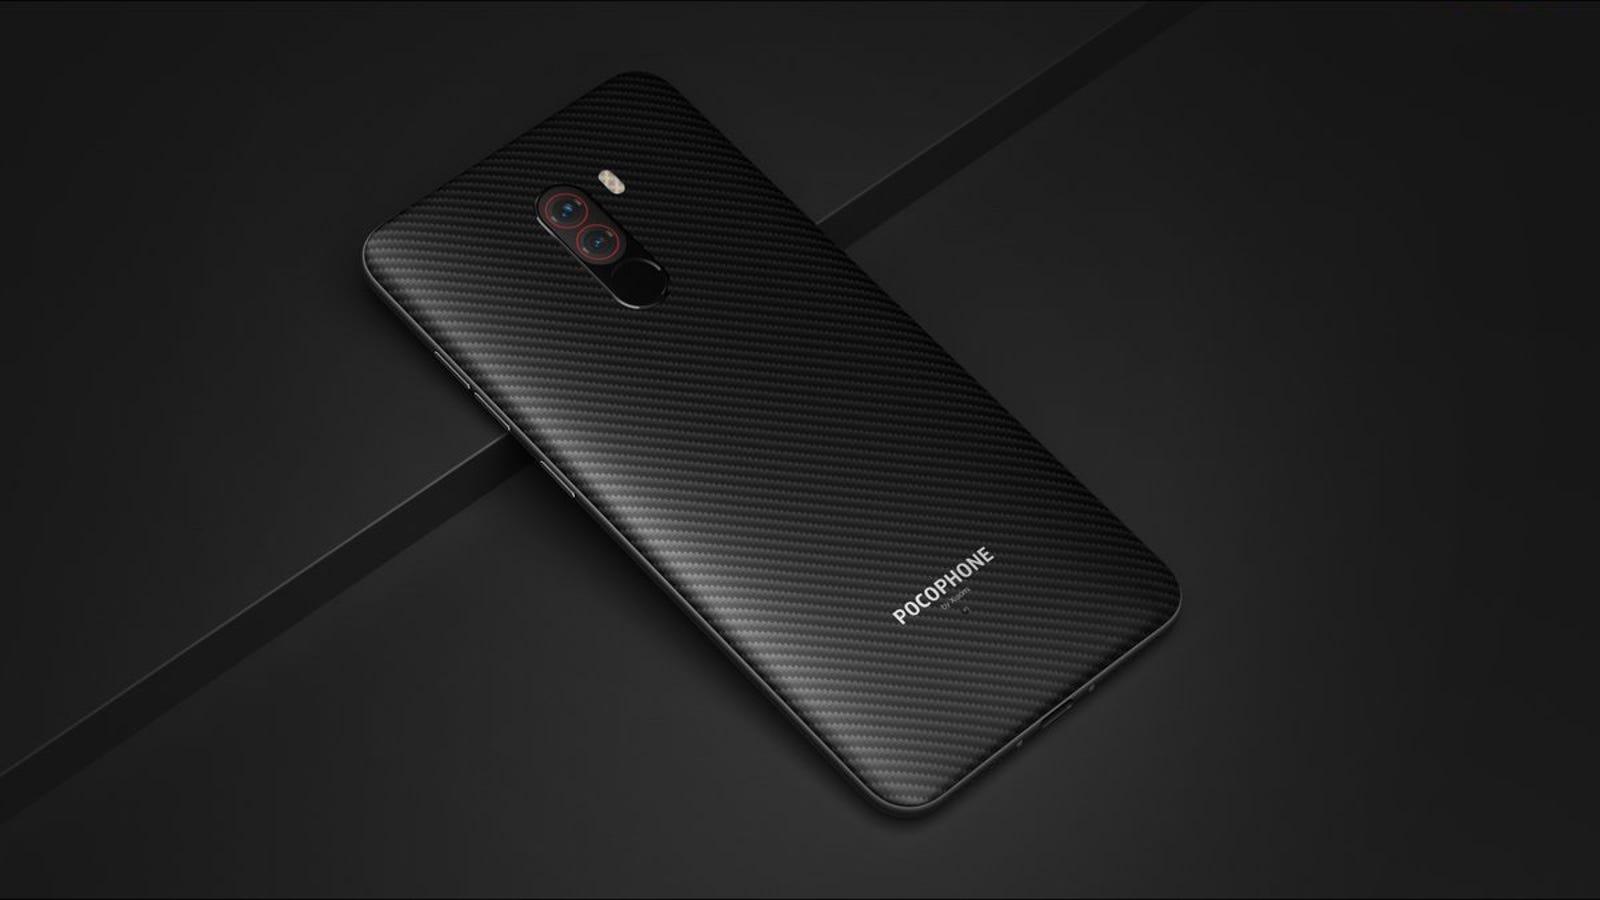 Xiaomi quiere romper el mercado: ningún teléfono ofrece lo que el Pocophone F1 por el mismo precio